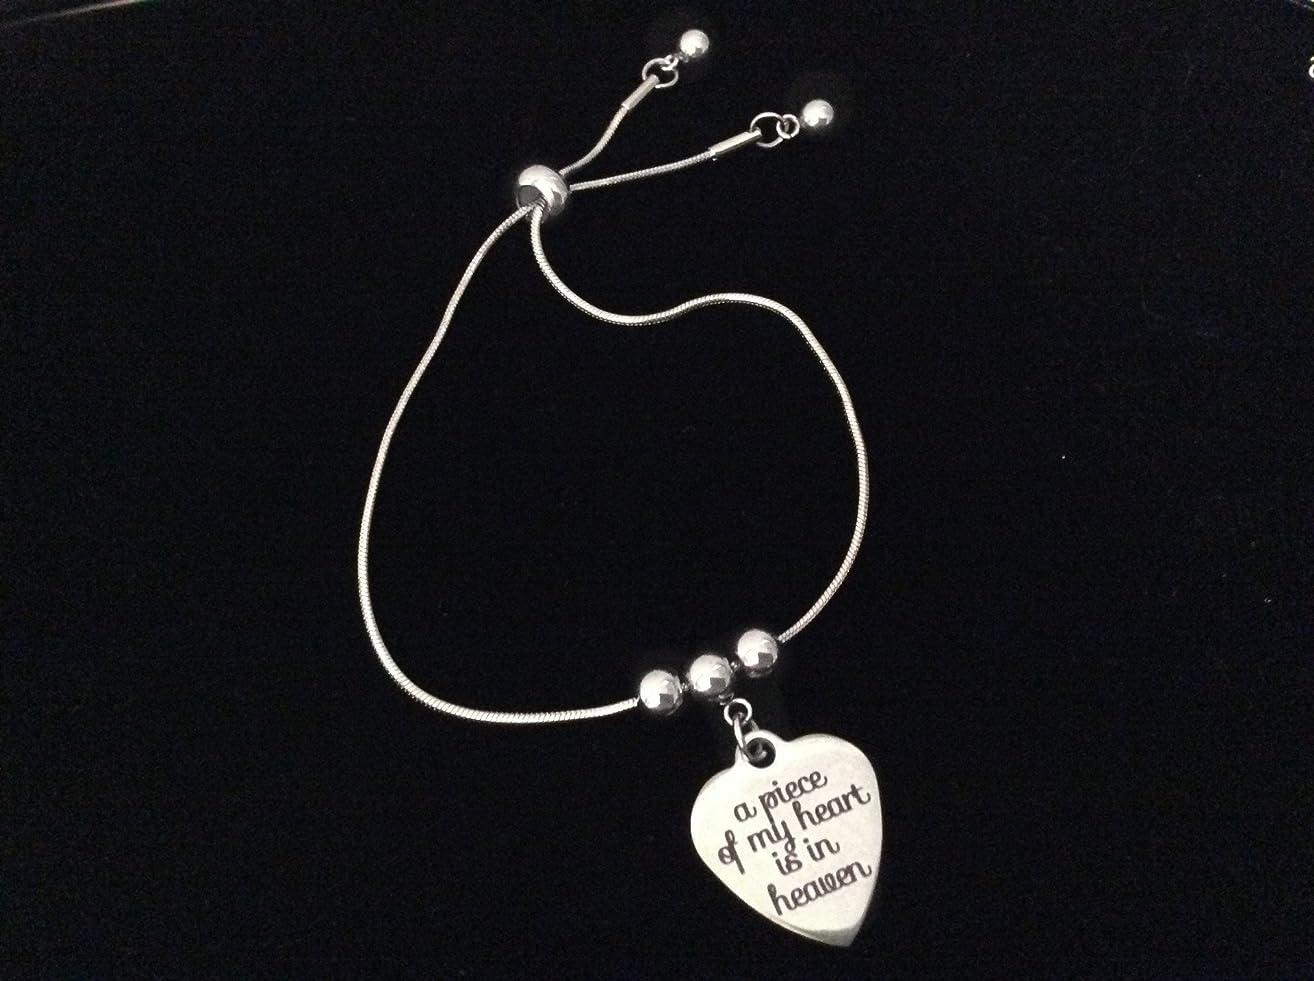 A piece of My Heart is in Heaven Bolo Bracelet Stainless Steel Adjustable Bracelet Gift Message Charm Bracelet